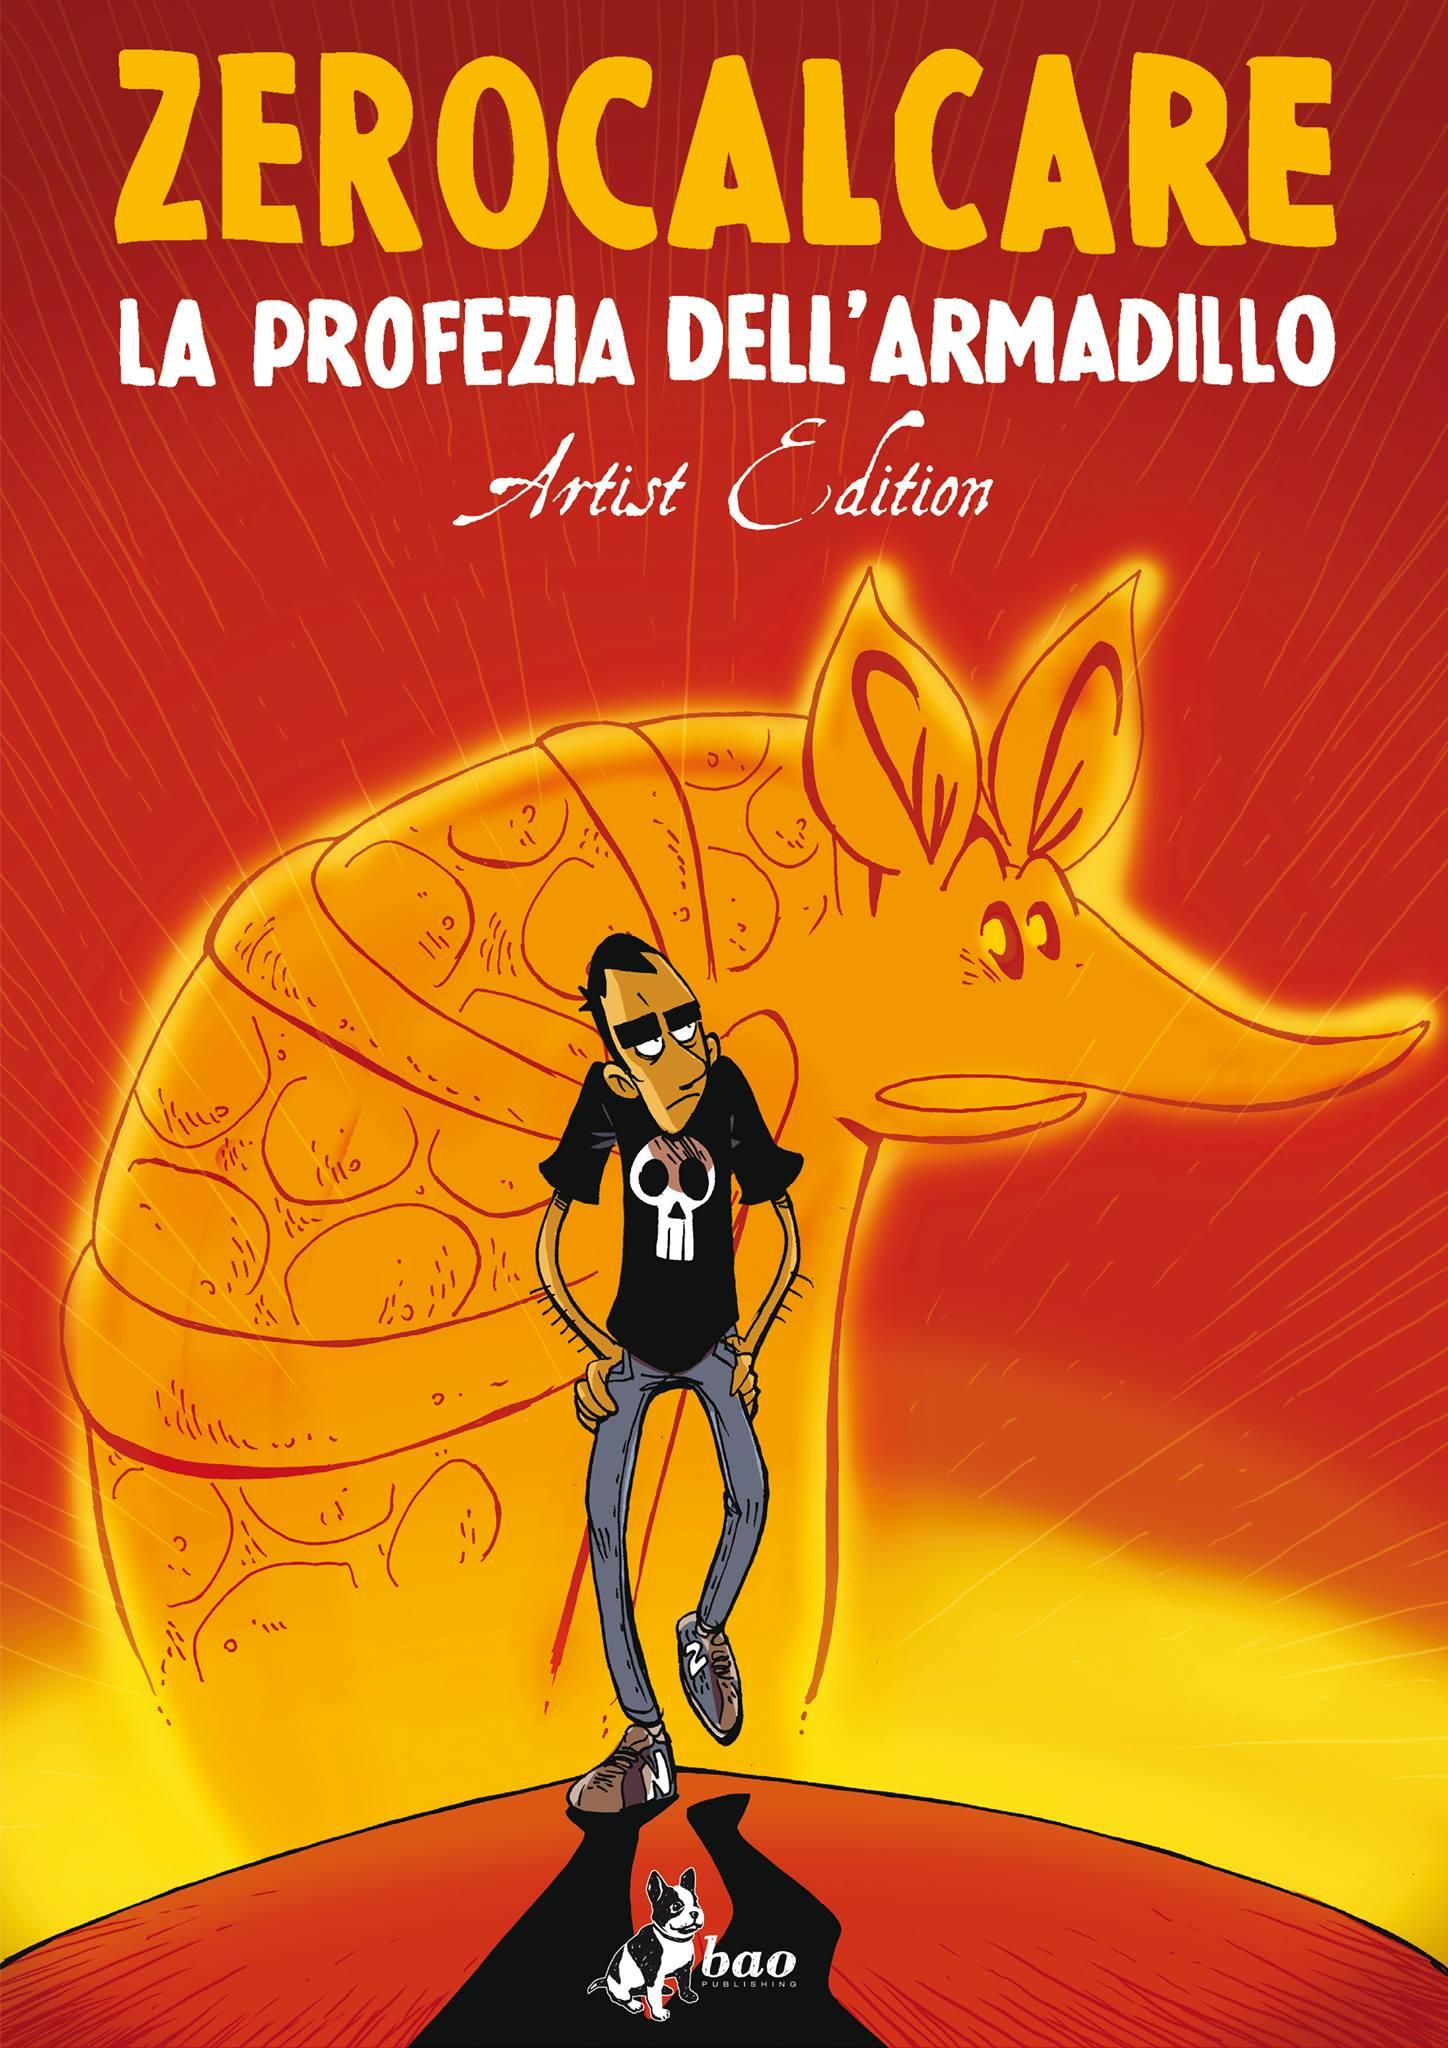 La profezia dell'armadillo - Artist Edition